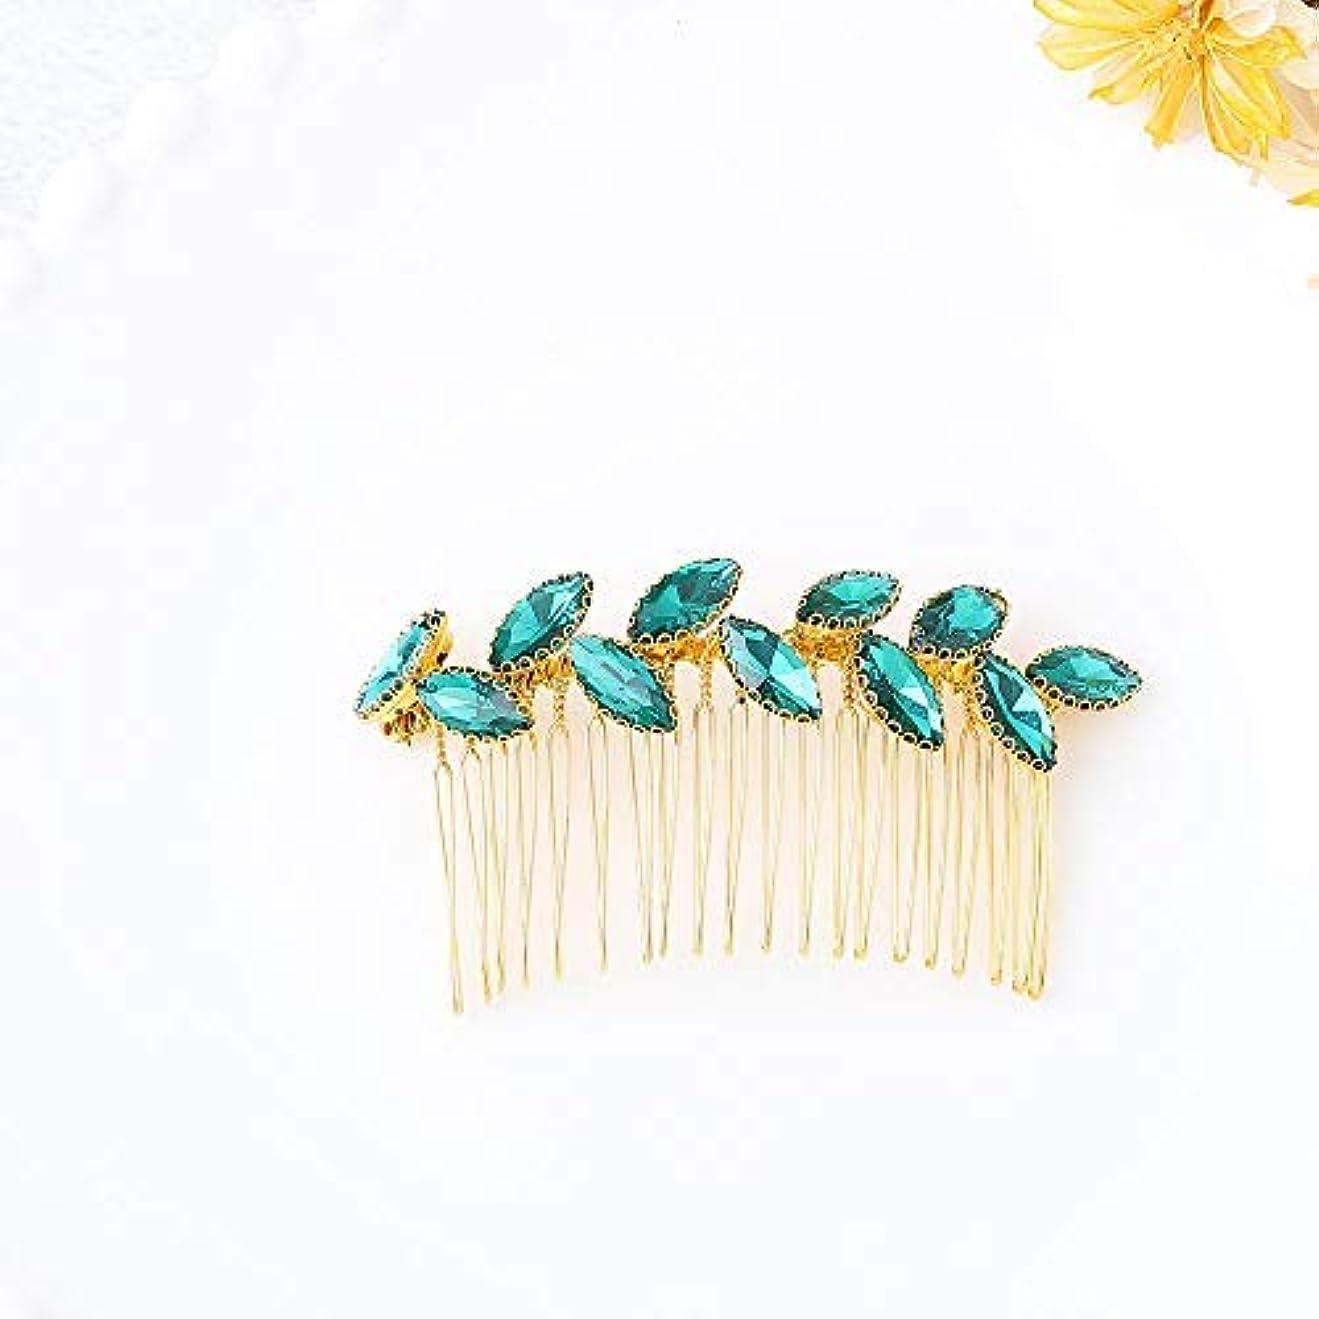 ハウジングコストプログレッシブJovono Bride Wedding Hair Comb Bridal Headpieces with Green Rhinestone for Women and Girls (Gold) [並行輸入品]